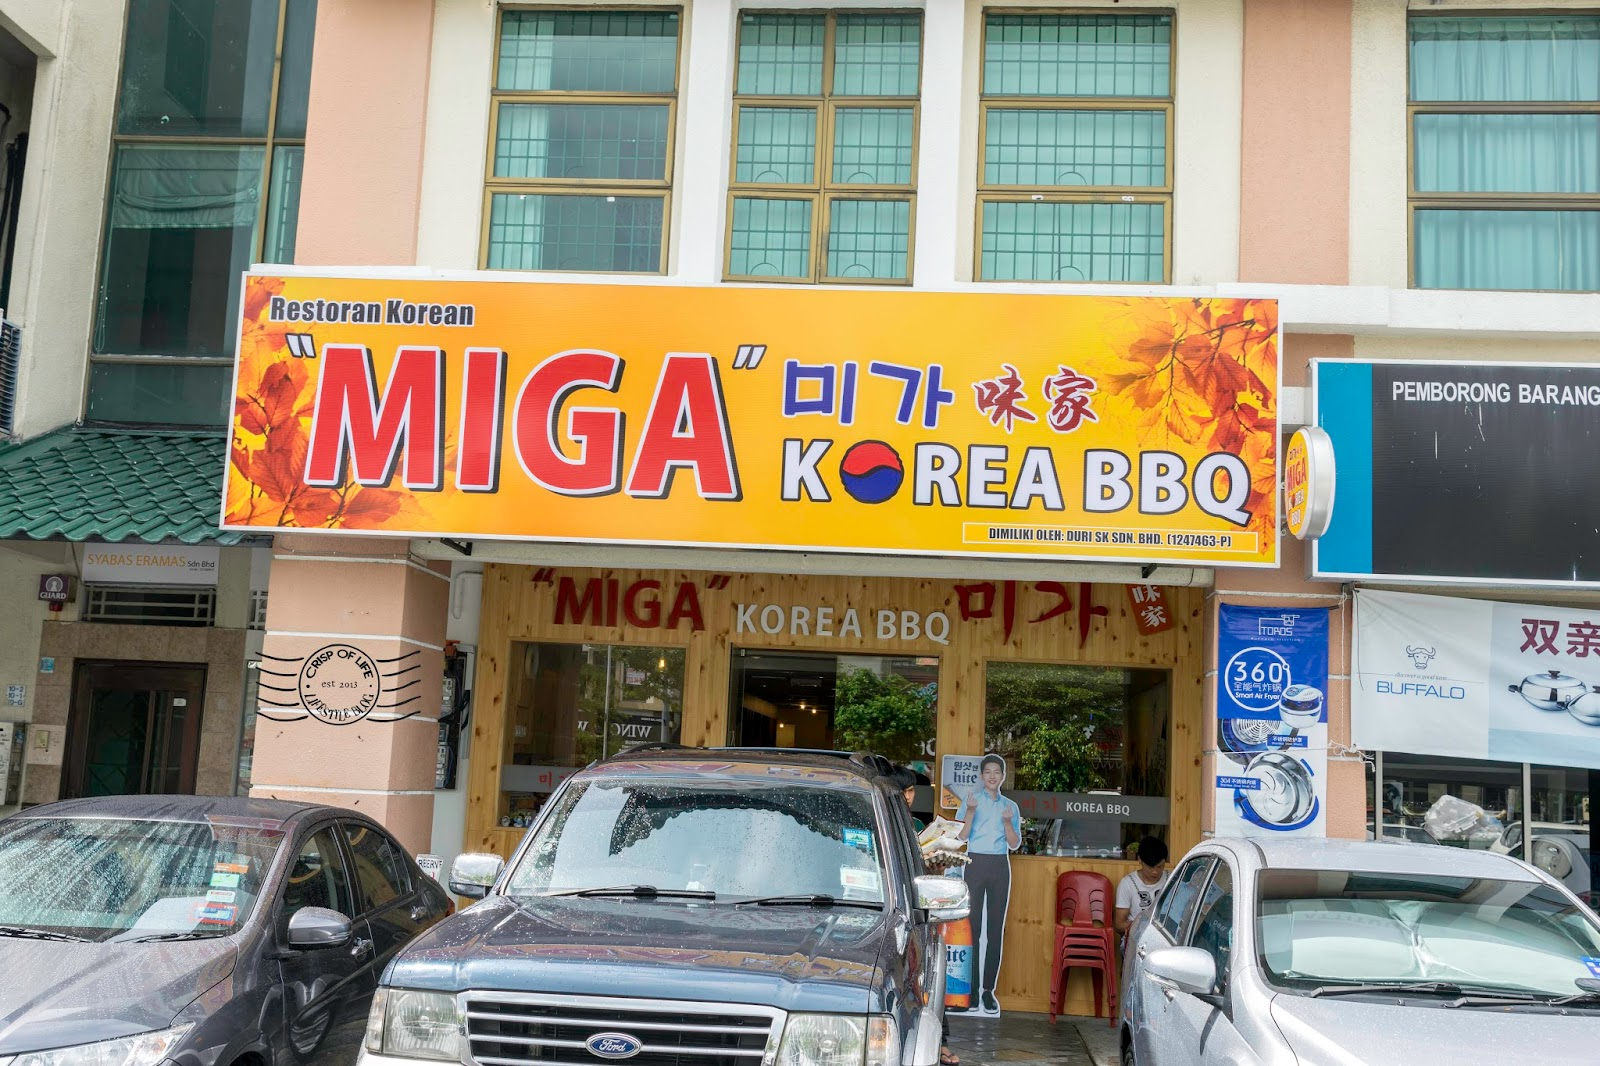 Miga Korea BBQ Persiaran Bayan Indah Queensbay